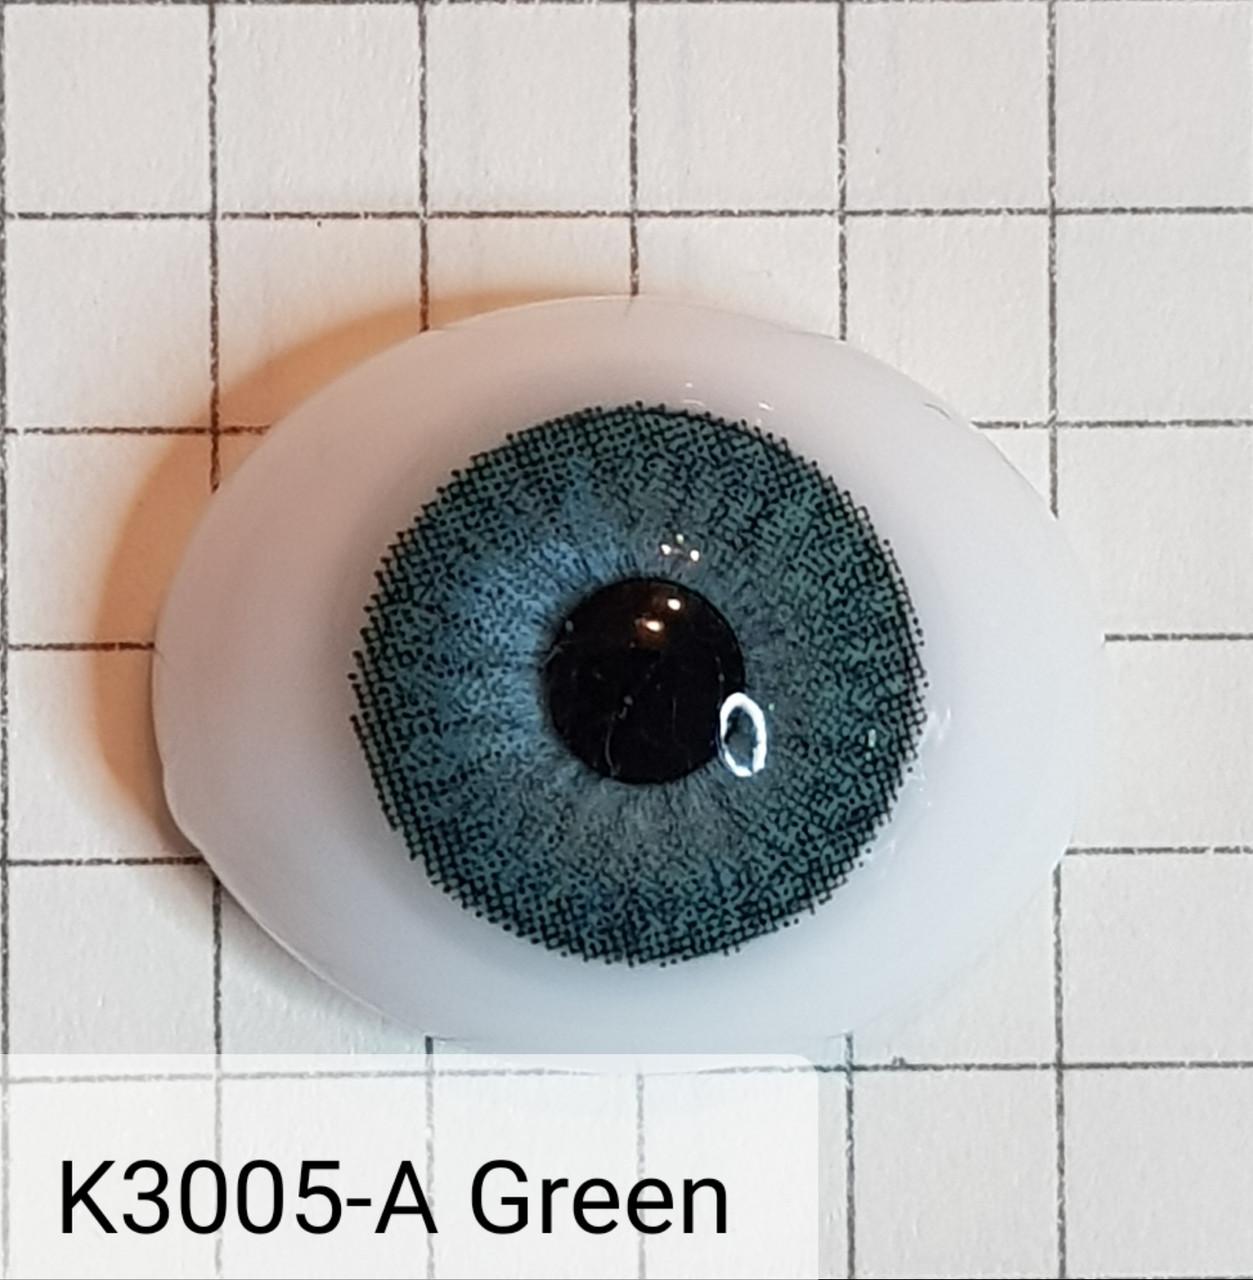 Контактные линзы DOX K3005-A Green -4.50 - фото 4